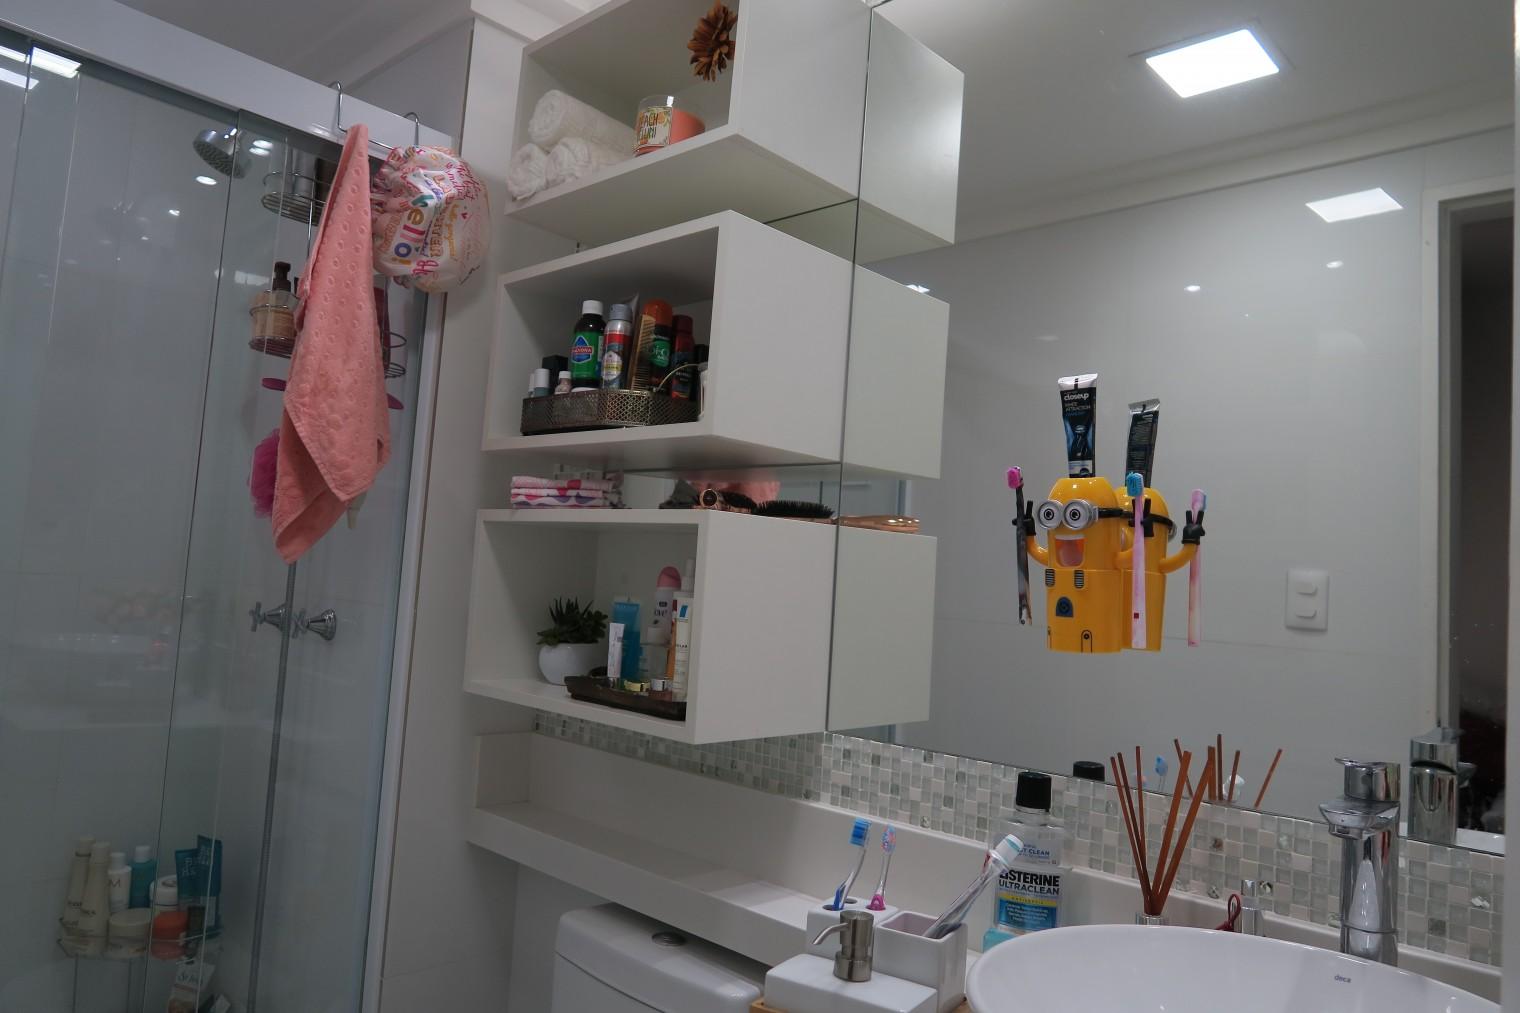 #69463D Como prometido para quem quiser ver em mais detalhes tirei várias  1520x1013 px tour pelo meu banheiro com banheira